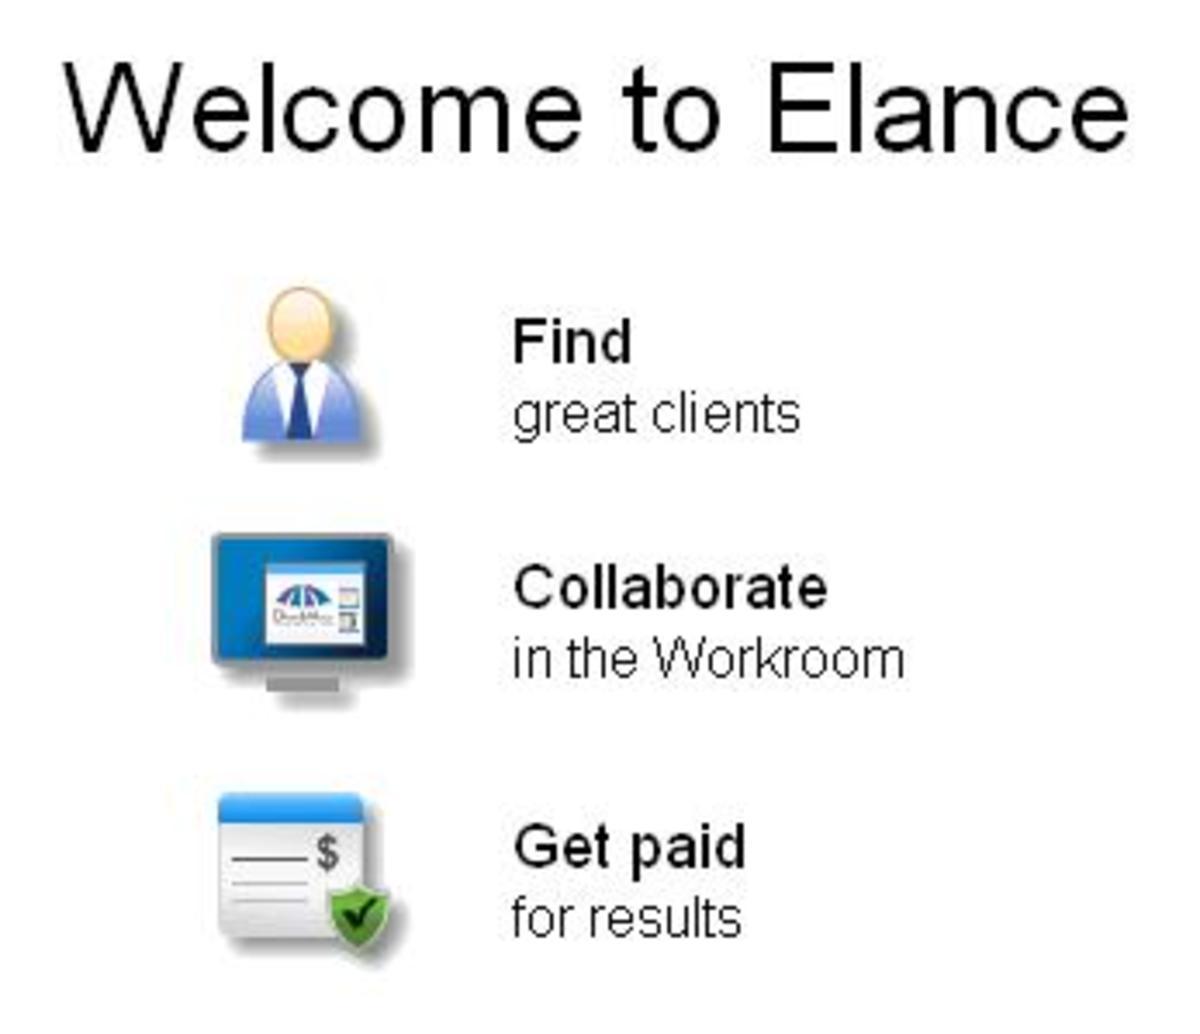 Elance.com